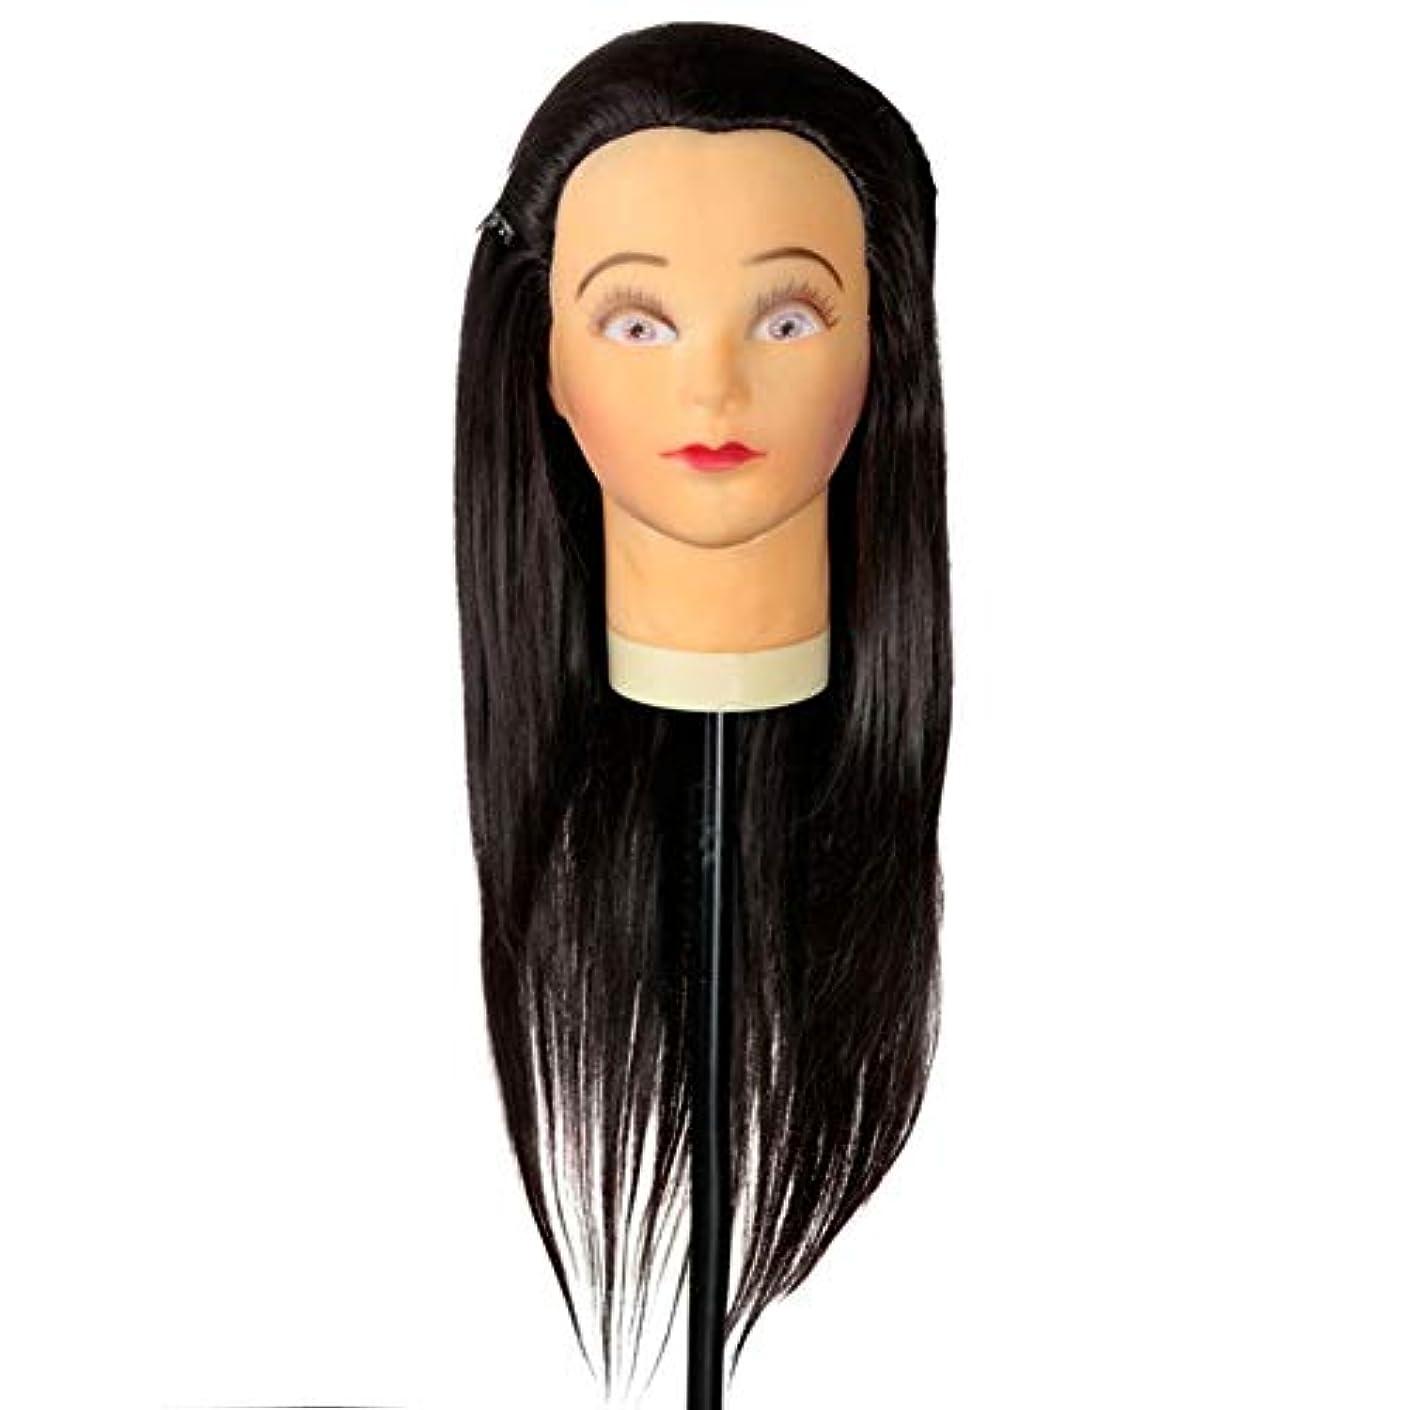 ラッカスしなやかな主人メイクアップエクササイズディスク髪編組ヘッド金型デュアルユースダミーヘッドモデルヘッド美容ヘアカットティーチングヘッドかつら